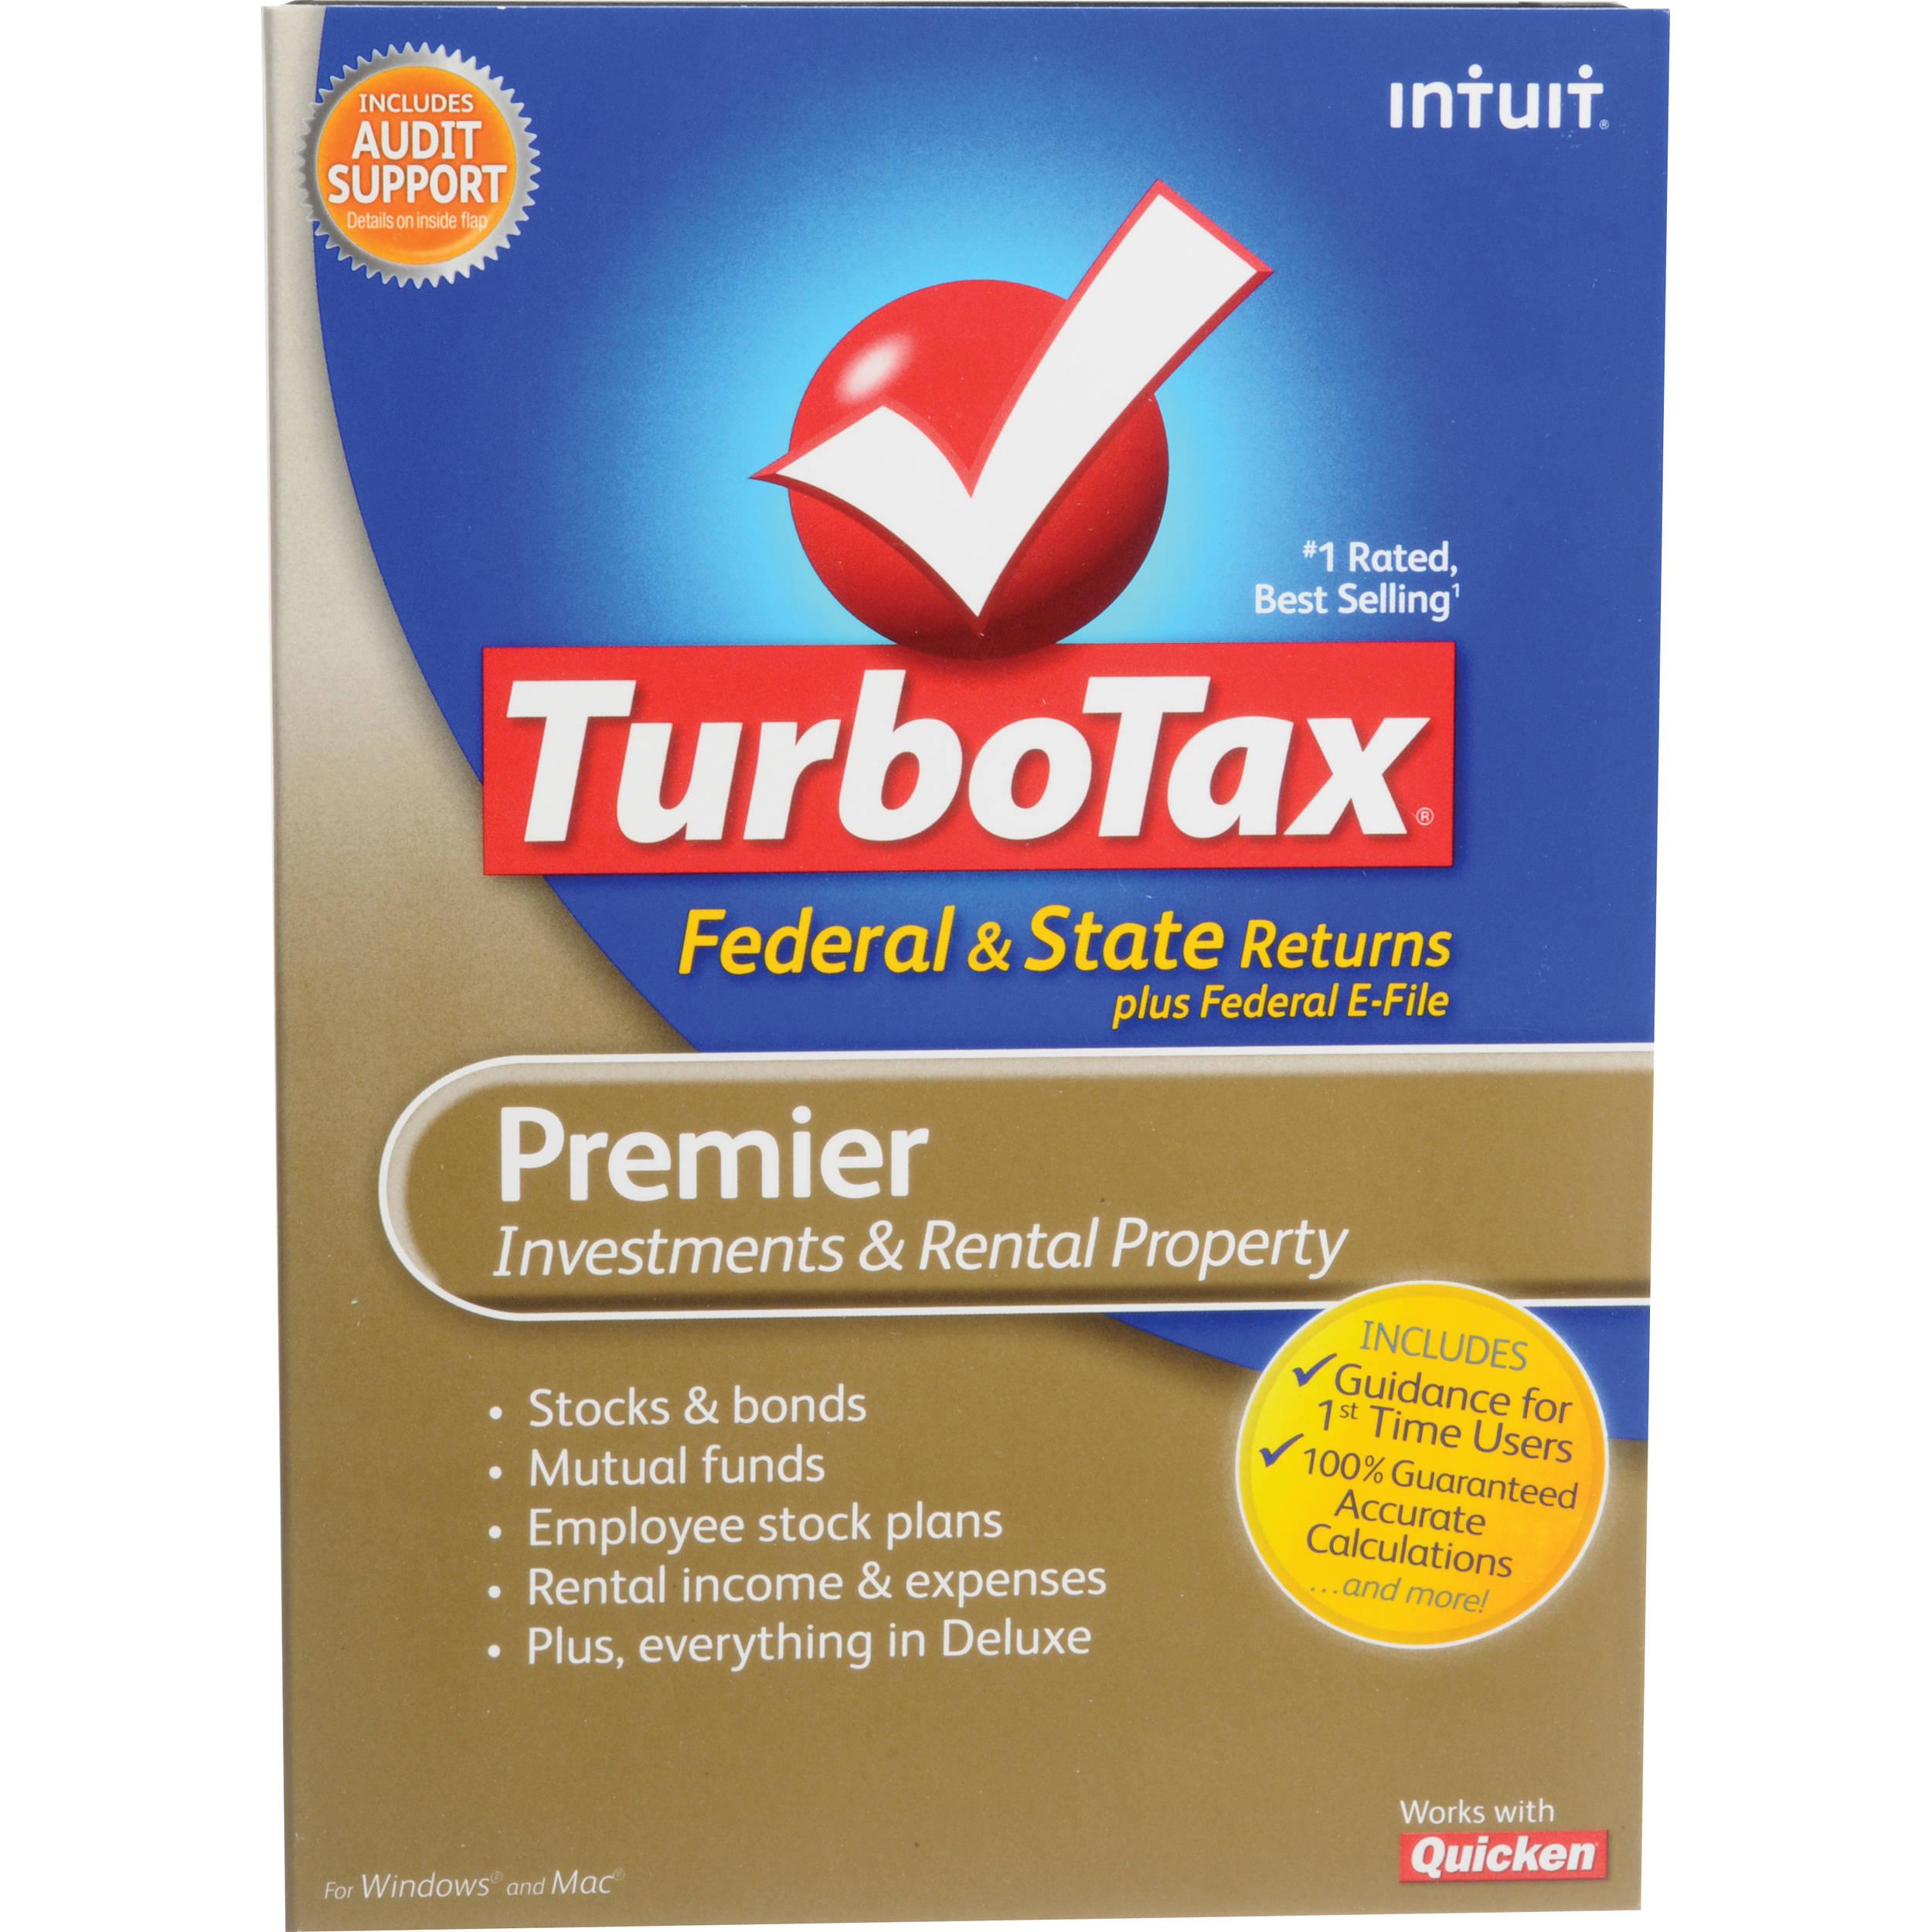 Intuit TurboTax Premier Software